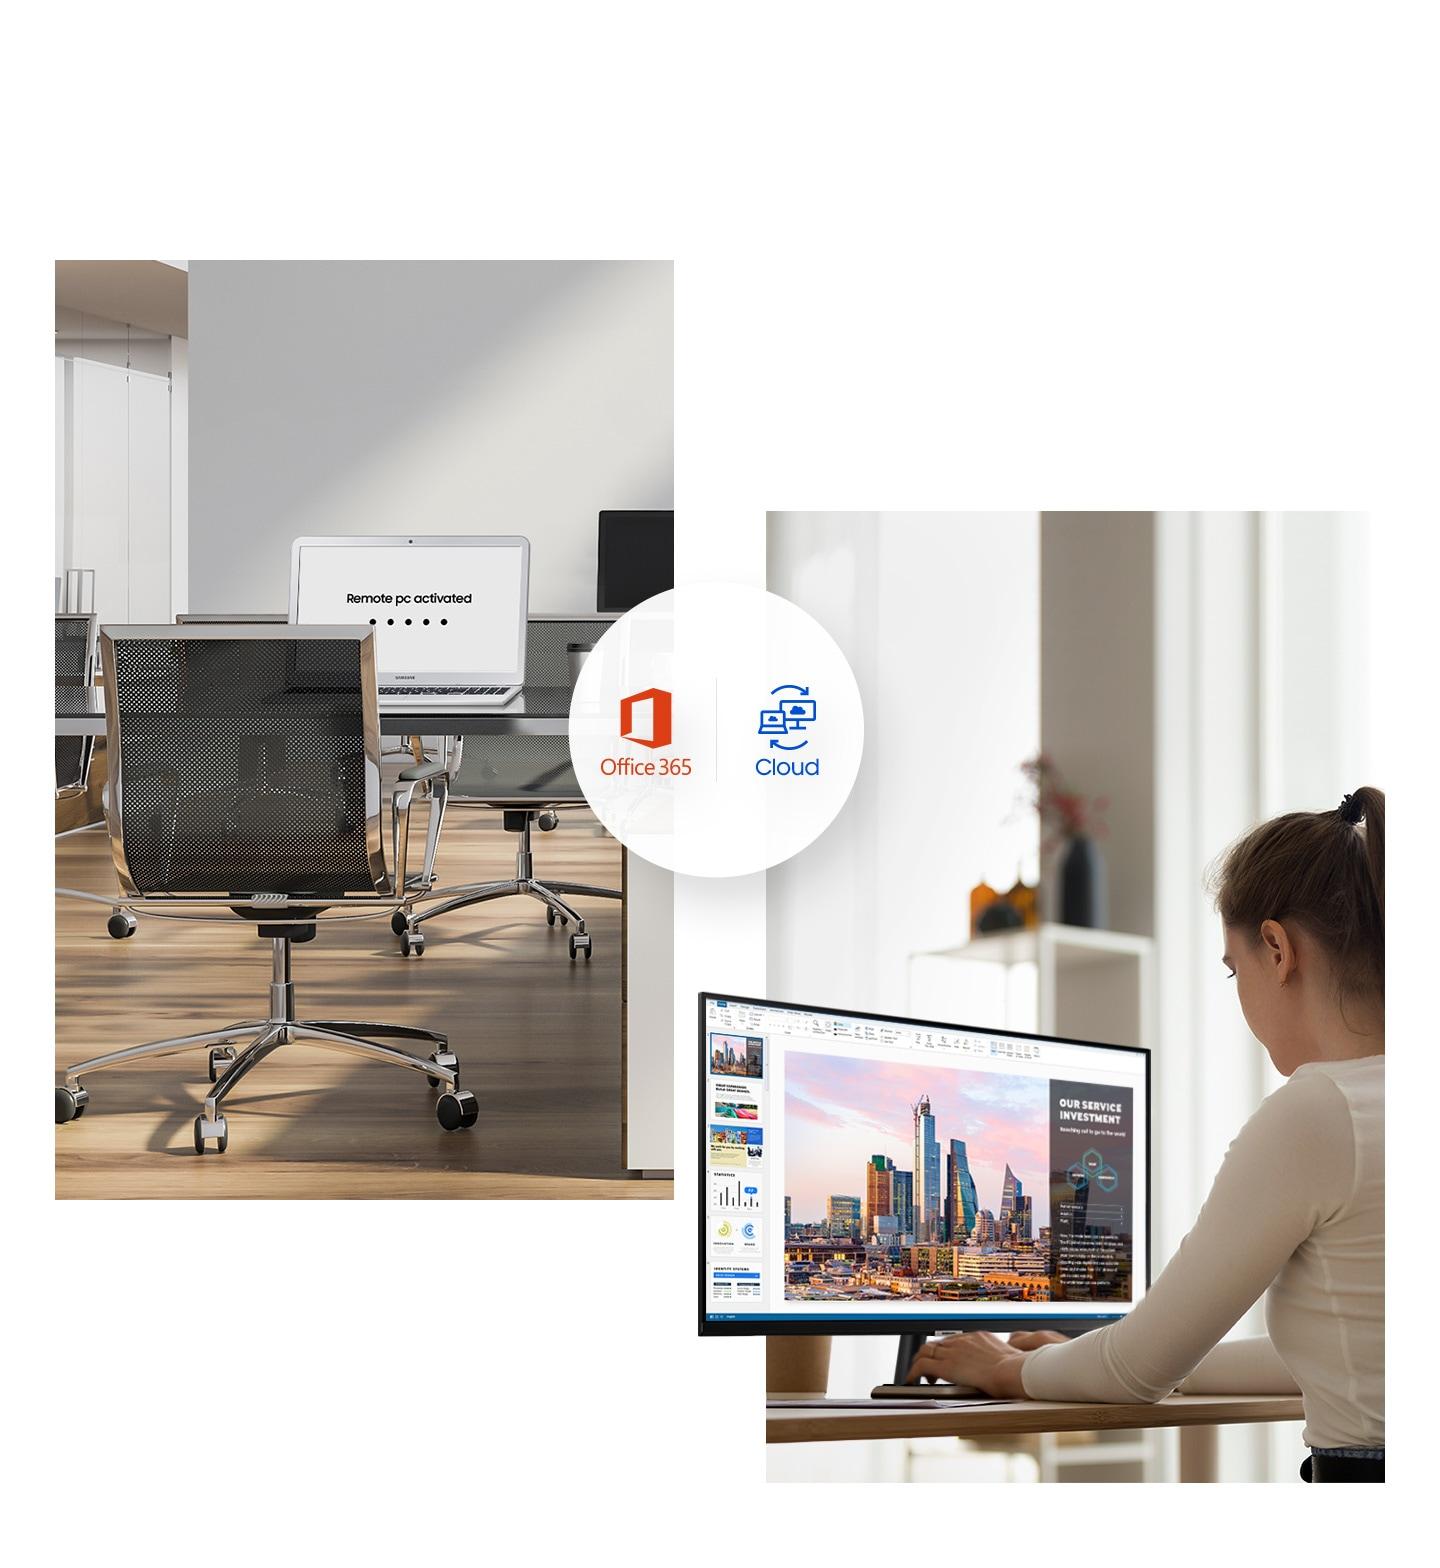 Máy tính xách tay văn phòng hiển thị Remote PC activated. Một người phụ nữ ở nhà sử dụng màn hình. Office 365 và Cloud được hiển thị ở giữa.